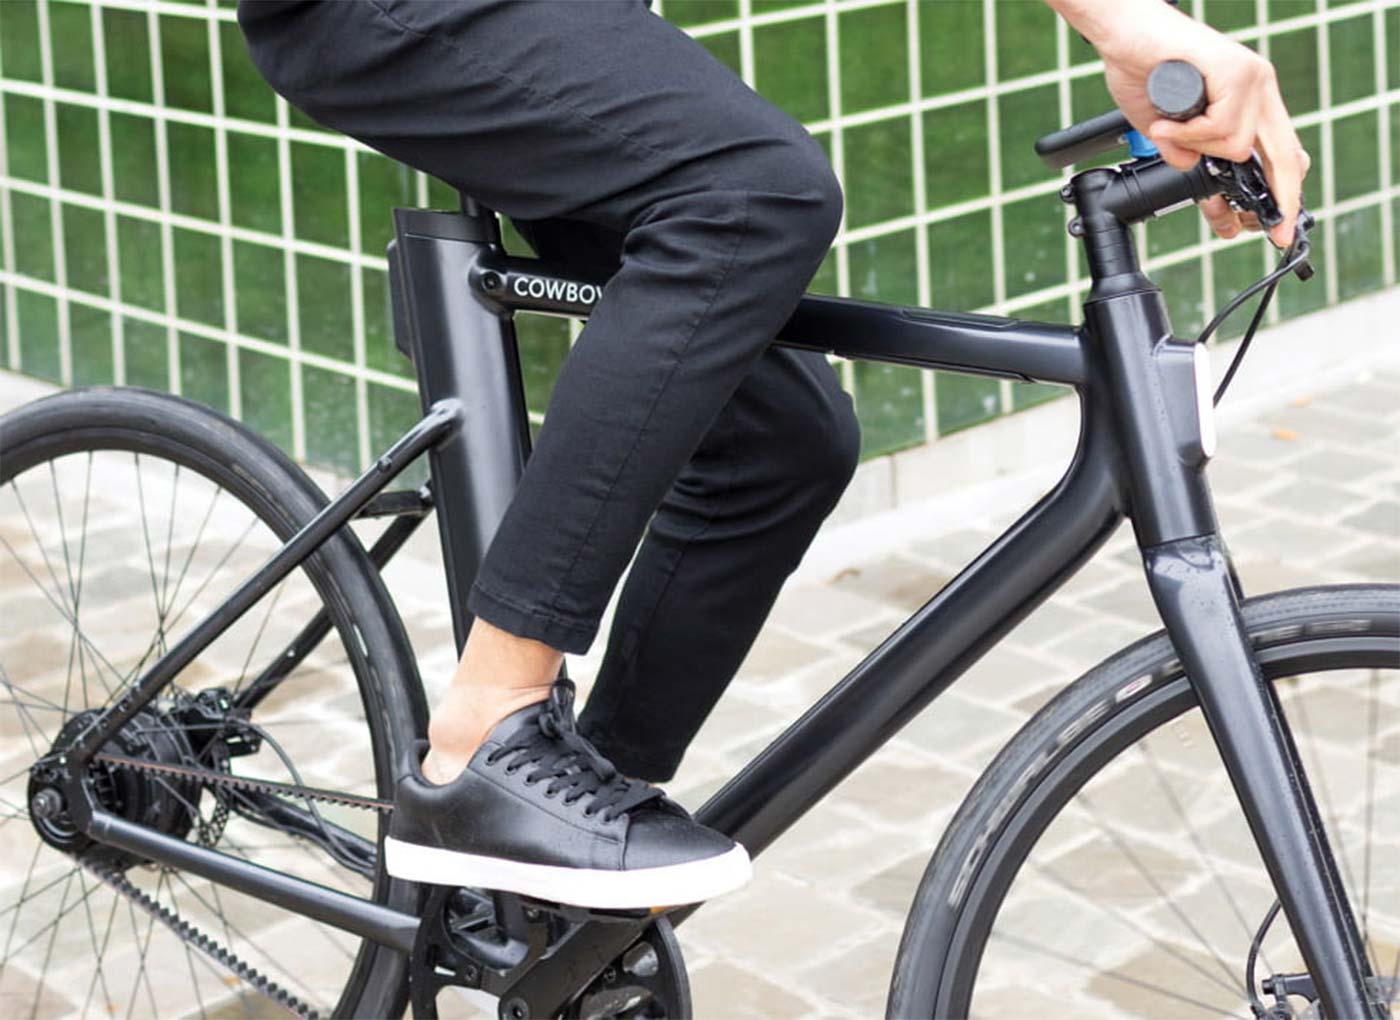 Seuls 68 % des Français considèrent le vélo électrique comme une pratique sportive